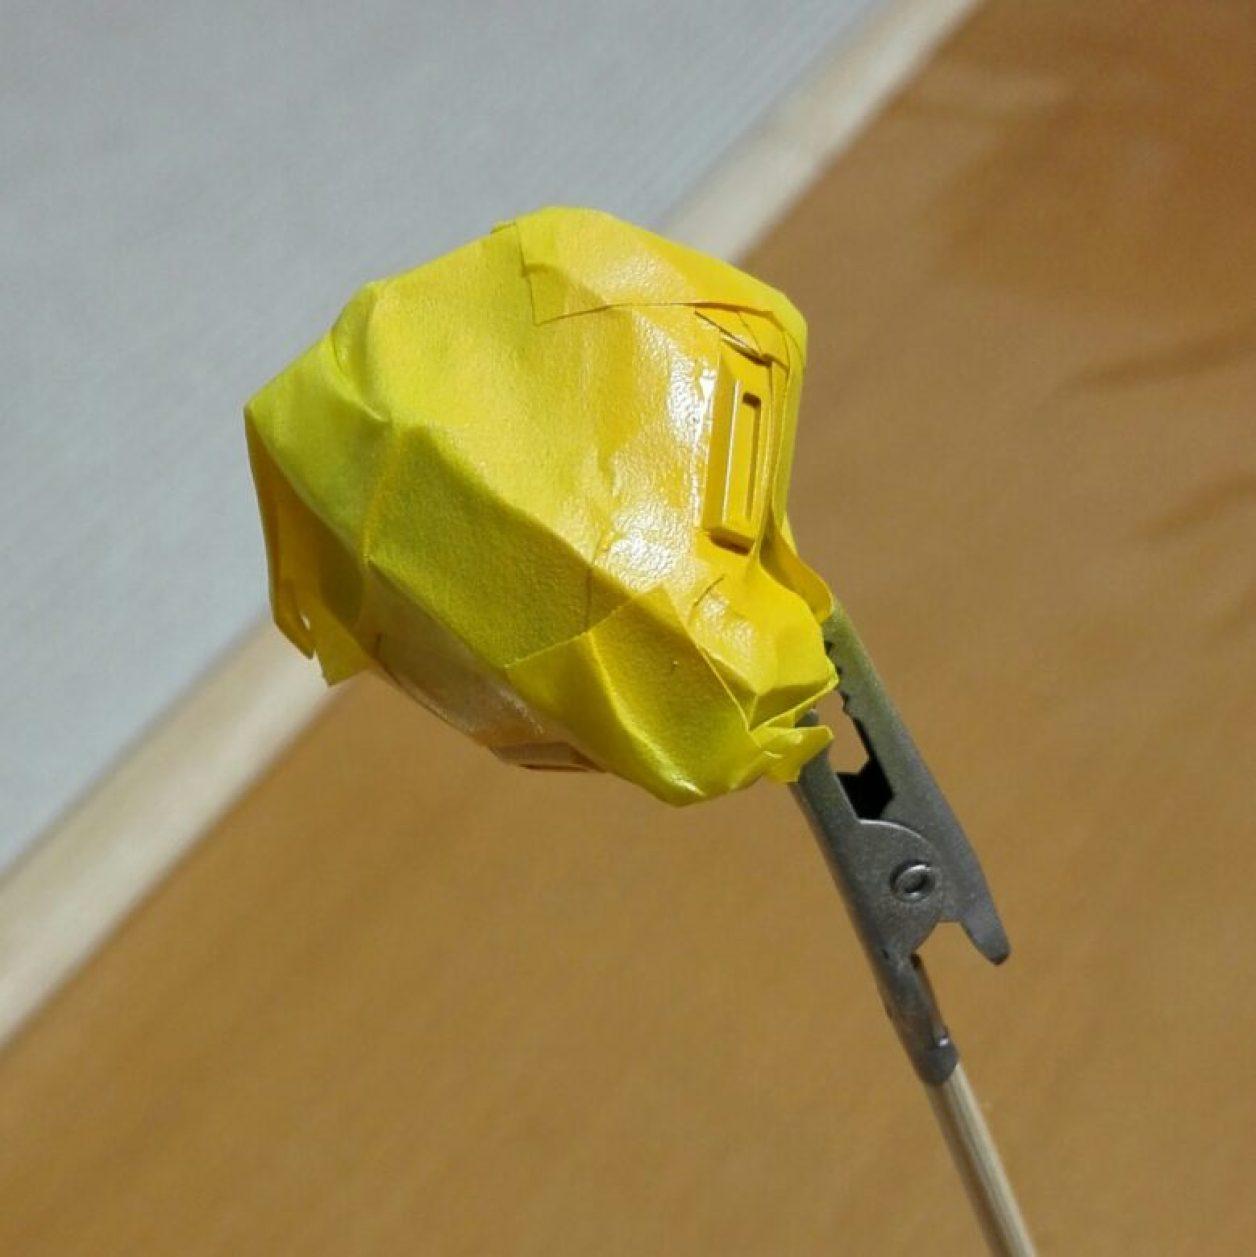 1/144スケールのガンプラのプリムローズの拡張パーツであるアドバンスド・ヘイズルのマルチ・コネクター・ポッドのディテールアップと制作画像